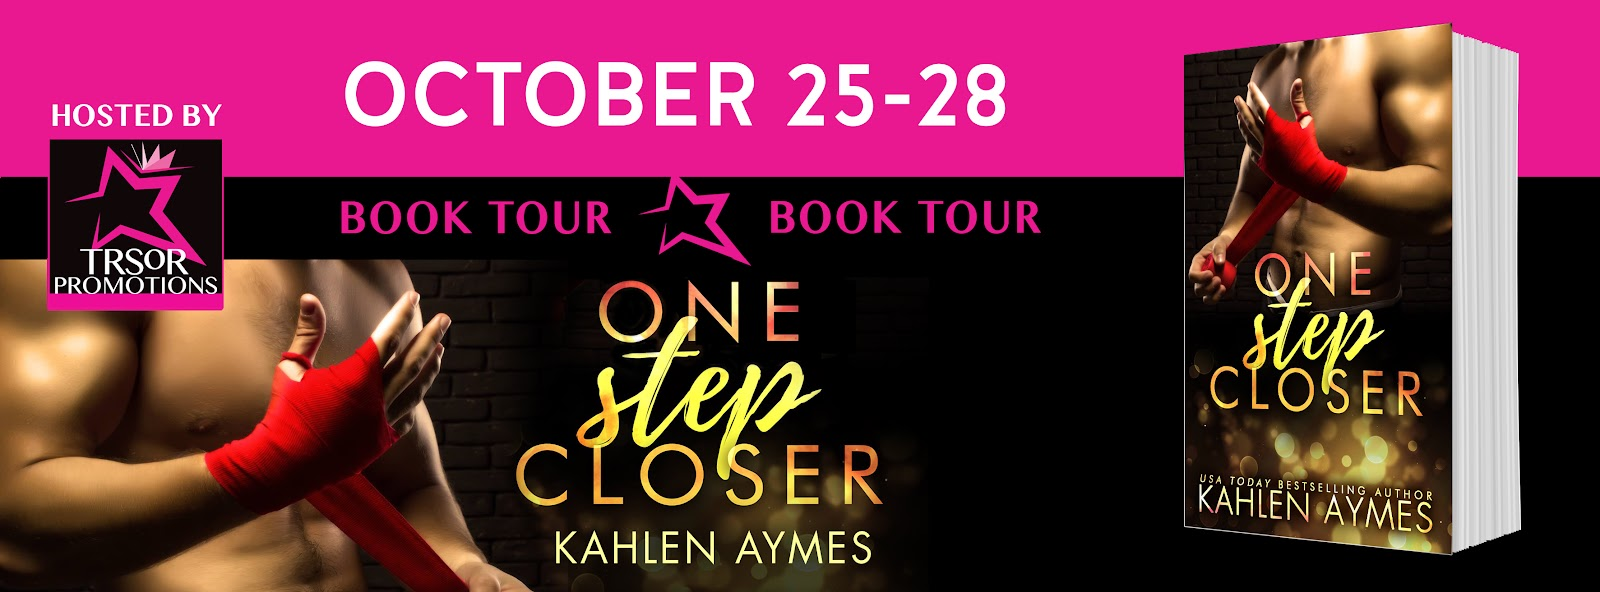 ONE_STEP_BOOK_TOUR.jpg